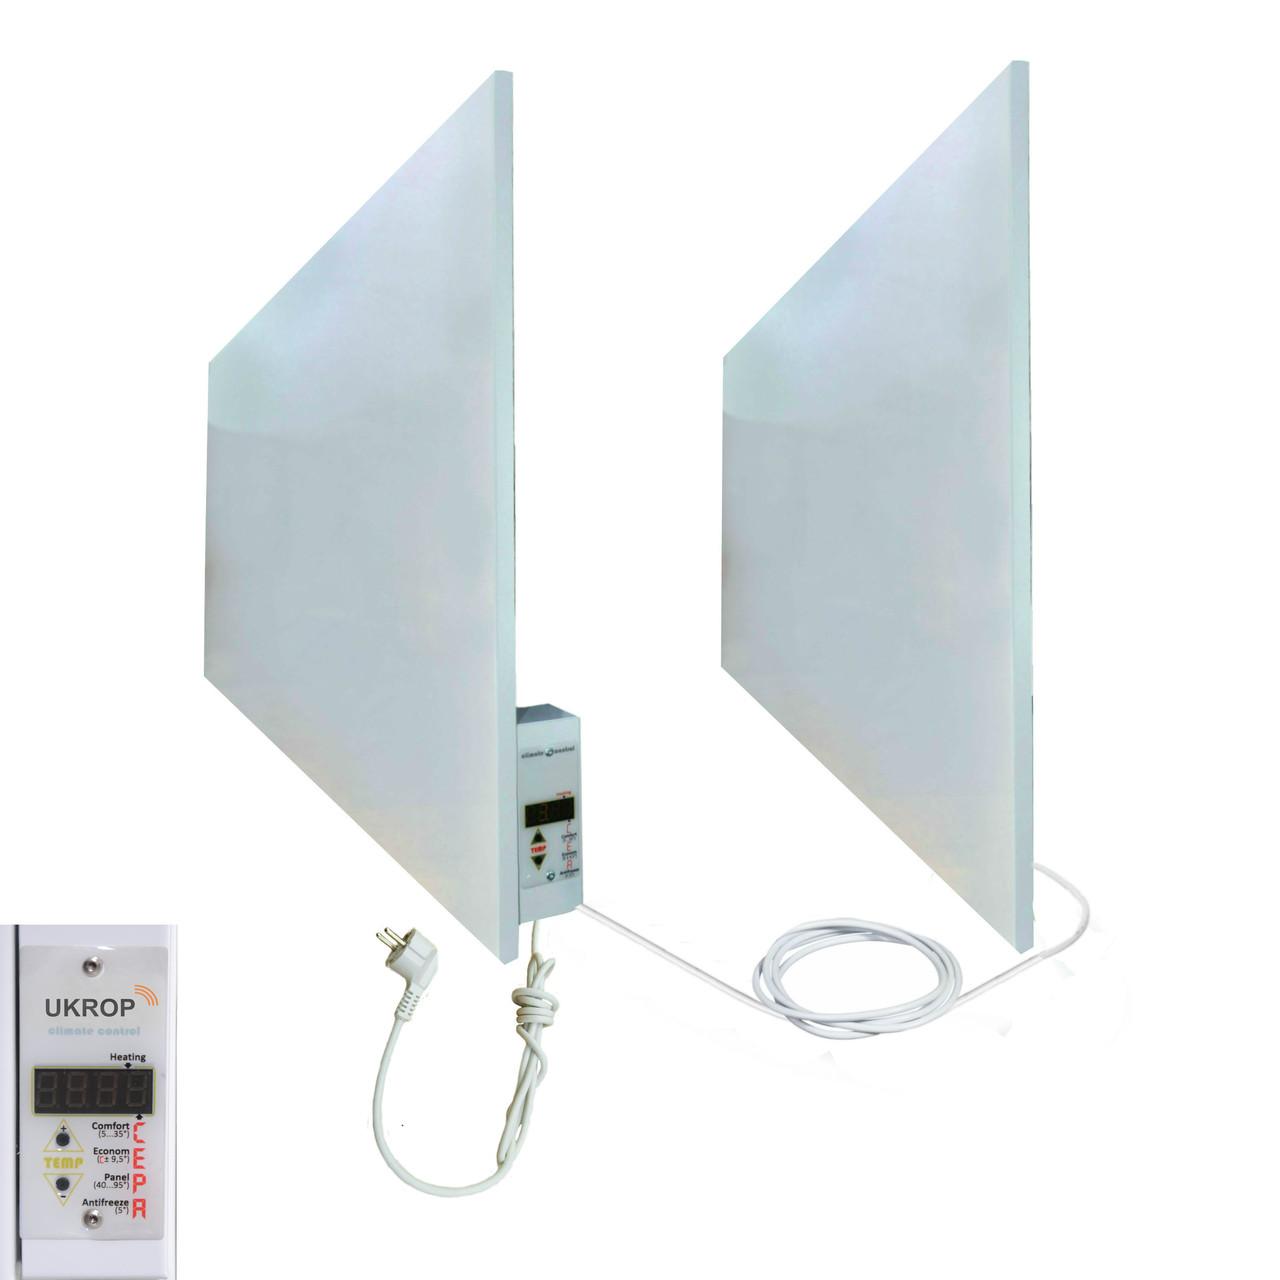 Комплект богрева до 20 кв.м: UKROP М 1000ВТ инфракрасная панель - обогреватель с терморегулятором